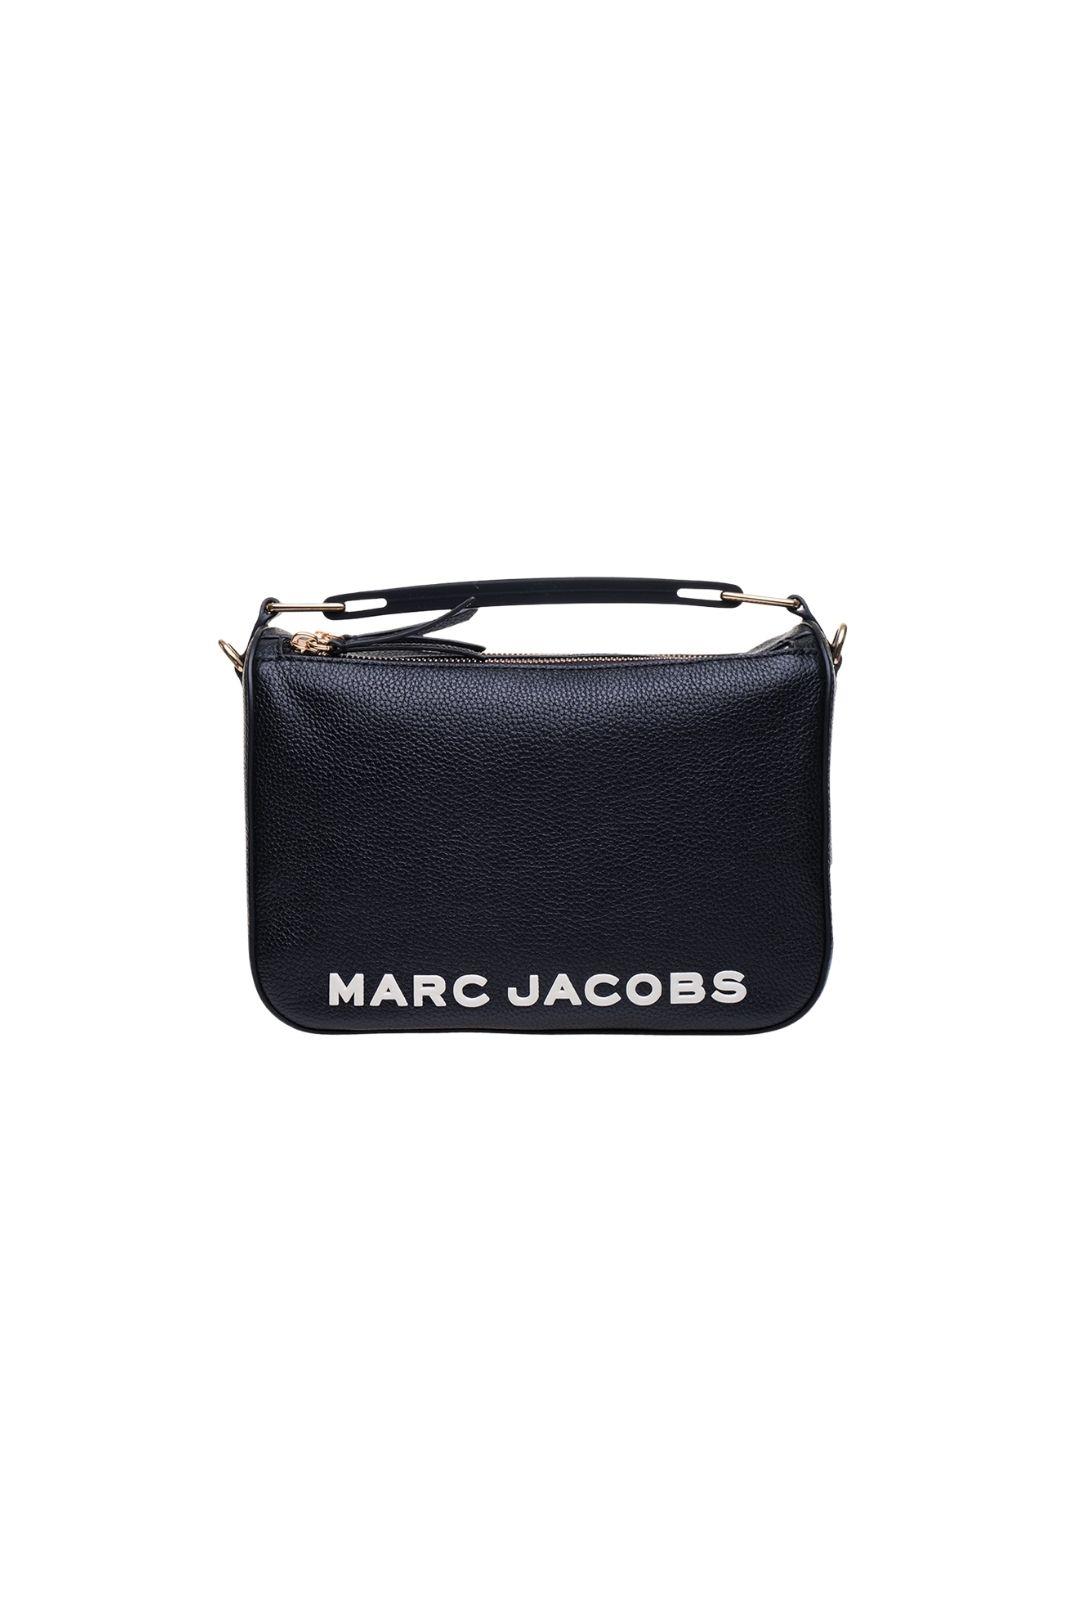 Сумка SOFTBOX MARC JACOBS MJp11008